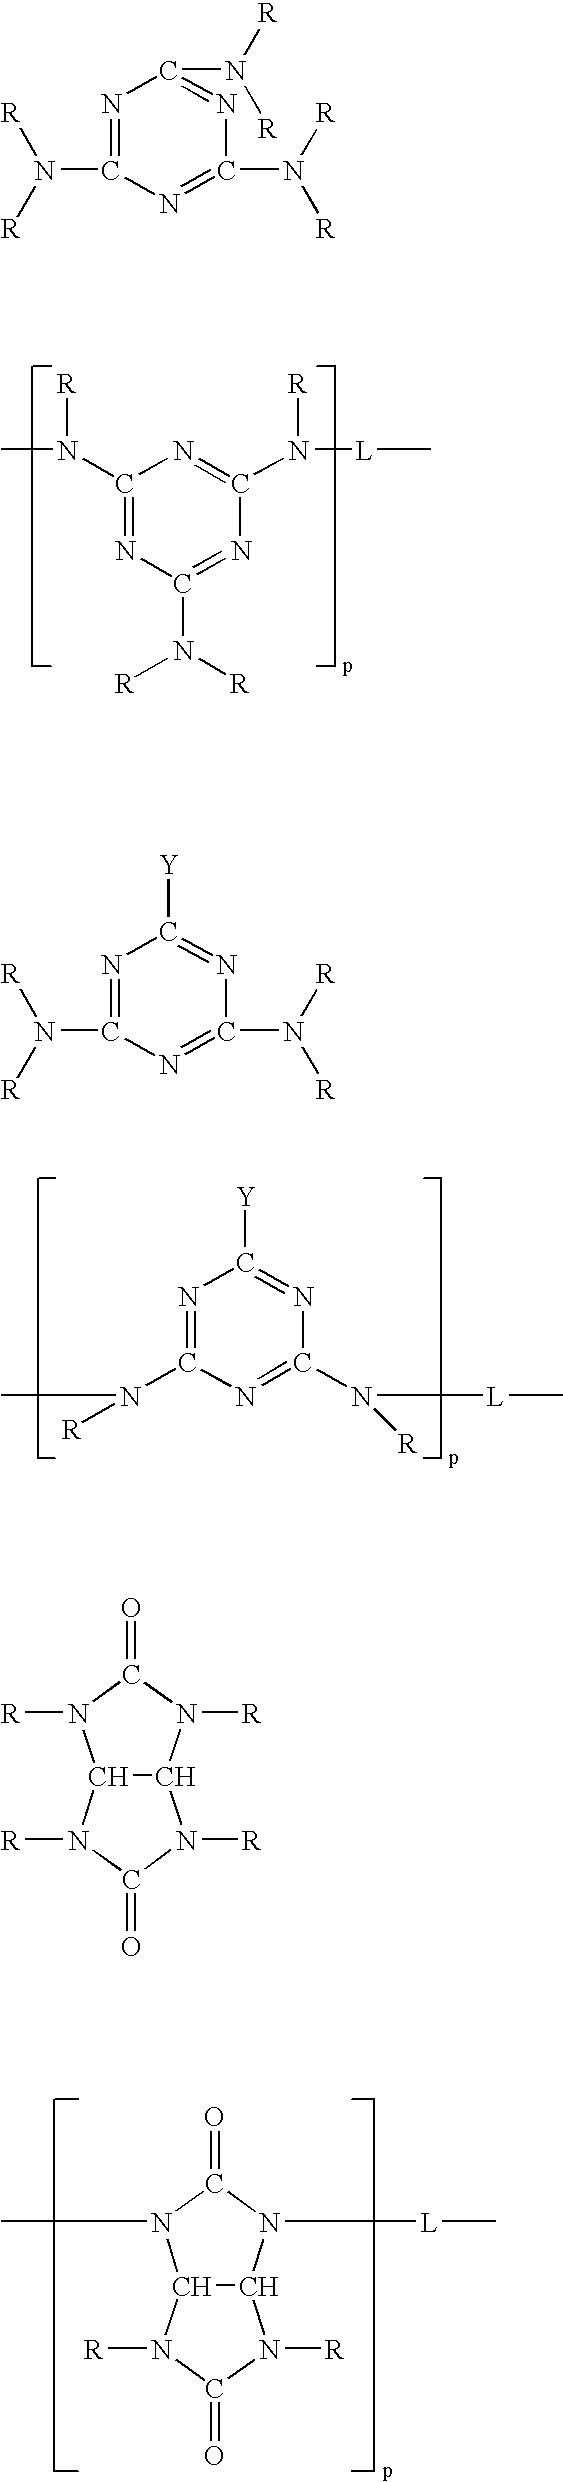 Figure US20050194752A1-20050908-C00022